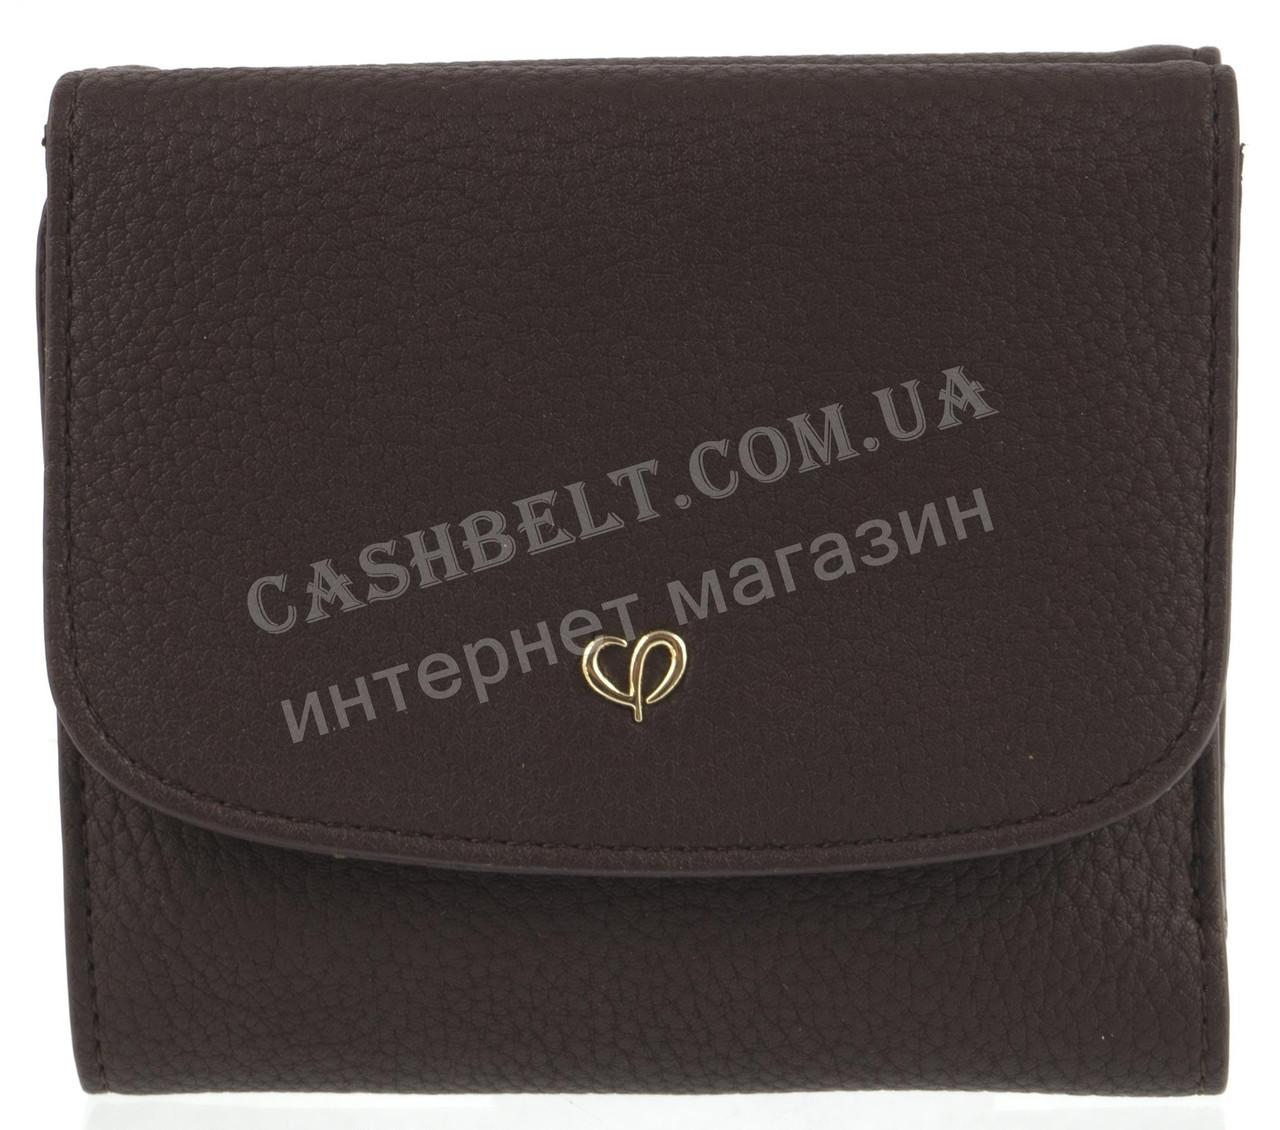 Компактный интересный оригинальный удобный женский кошелек высокого качества SACRED art. J-6188-B коричневый